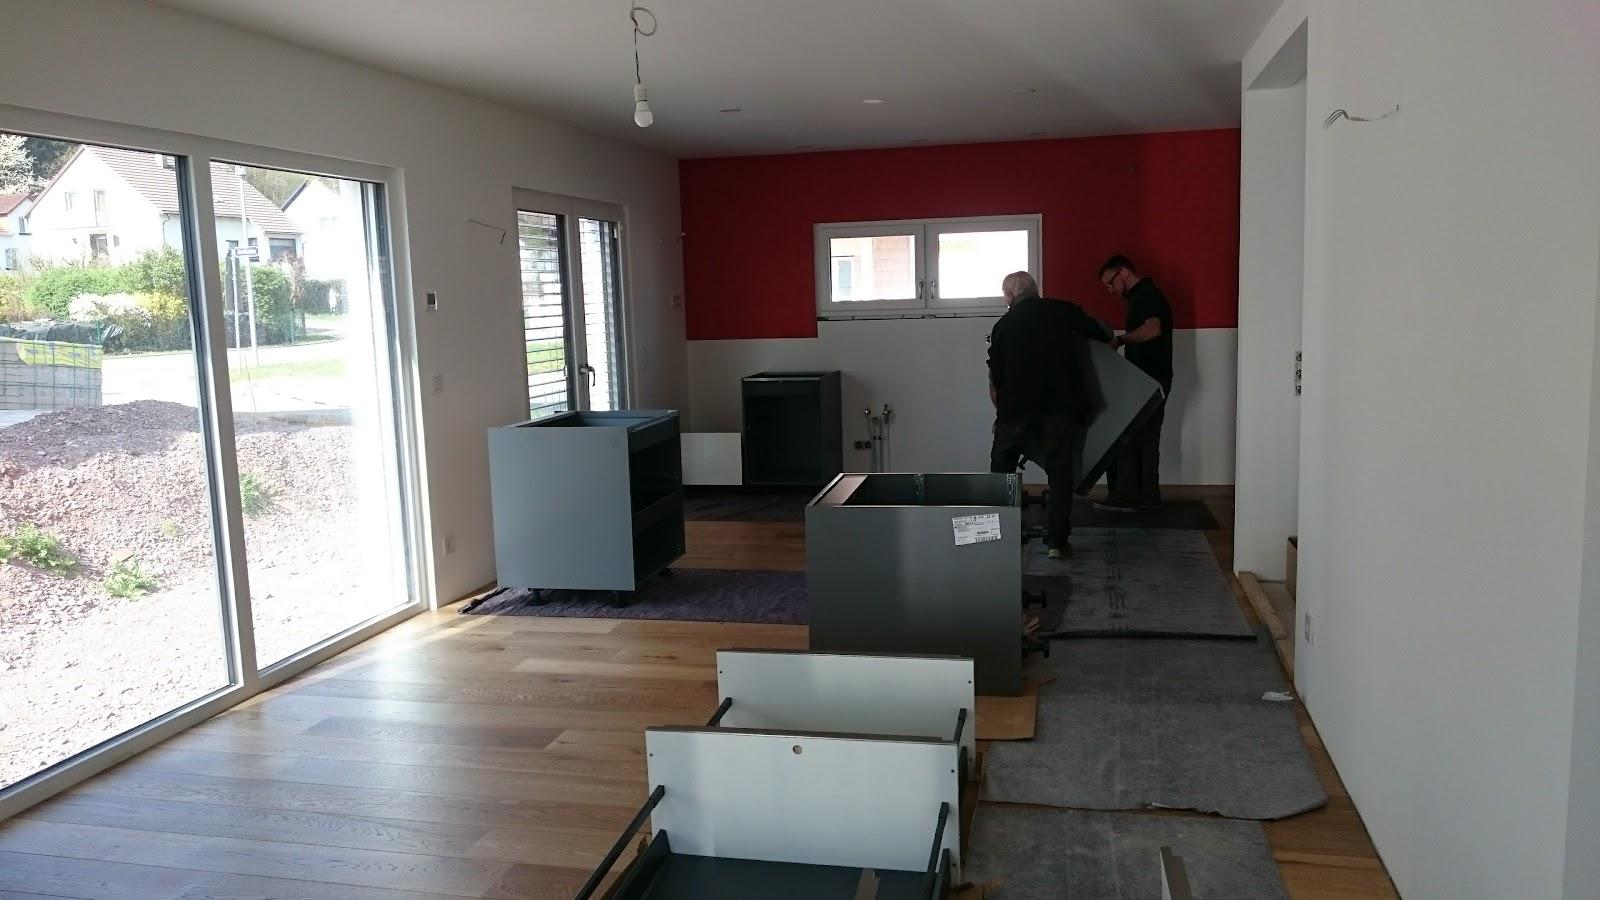 holz auf holz wir haben eine k che. Black Bedroom Furniture Sets. Home Design Ideas